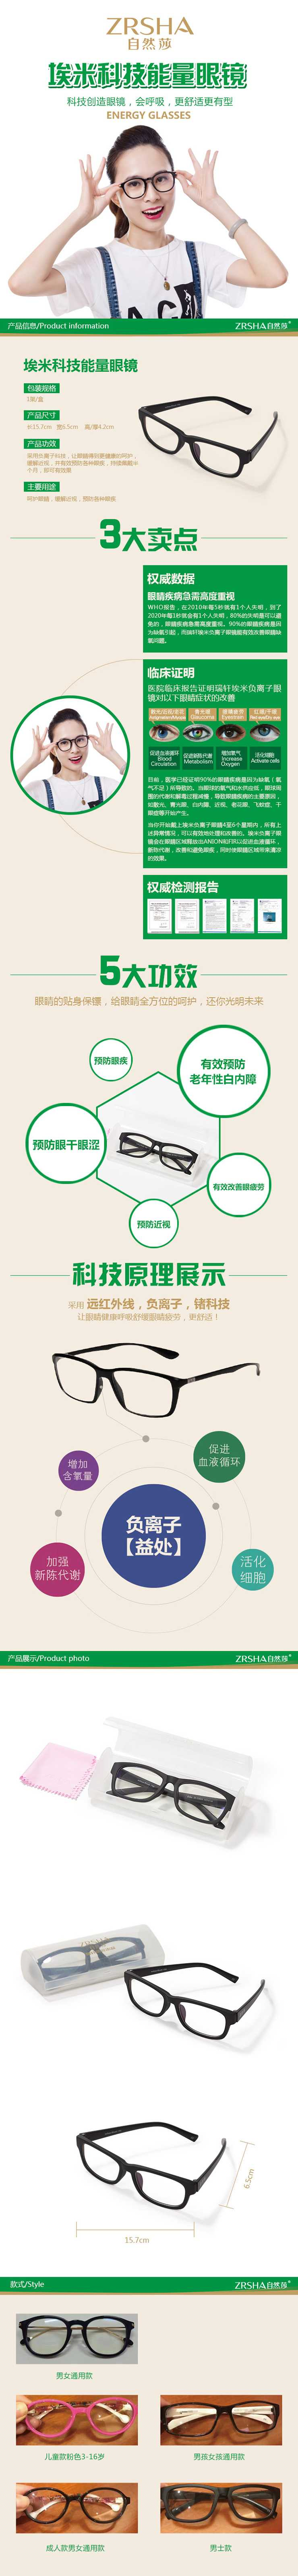 请善待您的眼睛自然莎眼镜